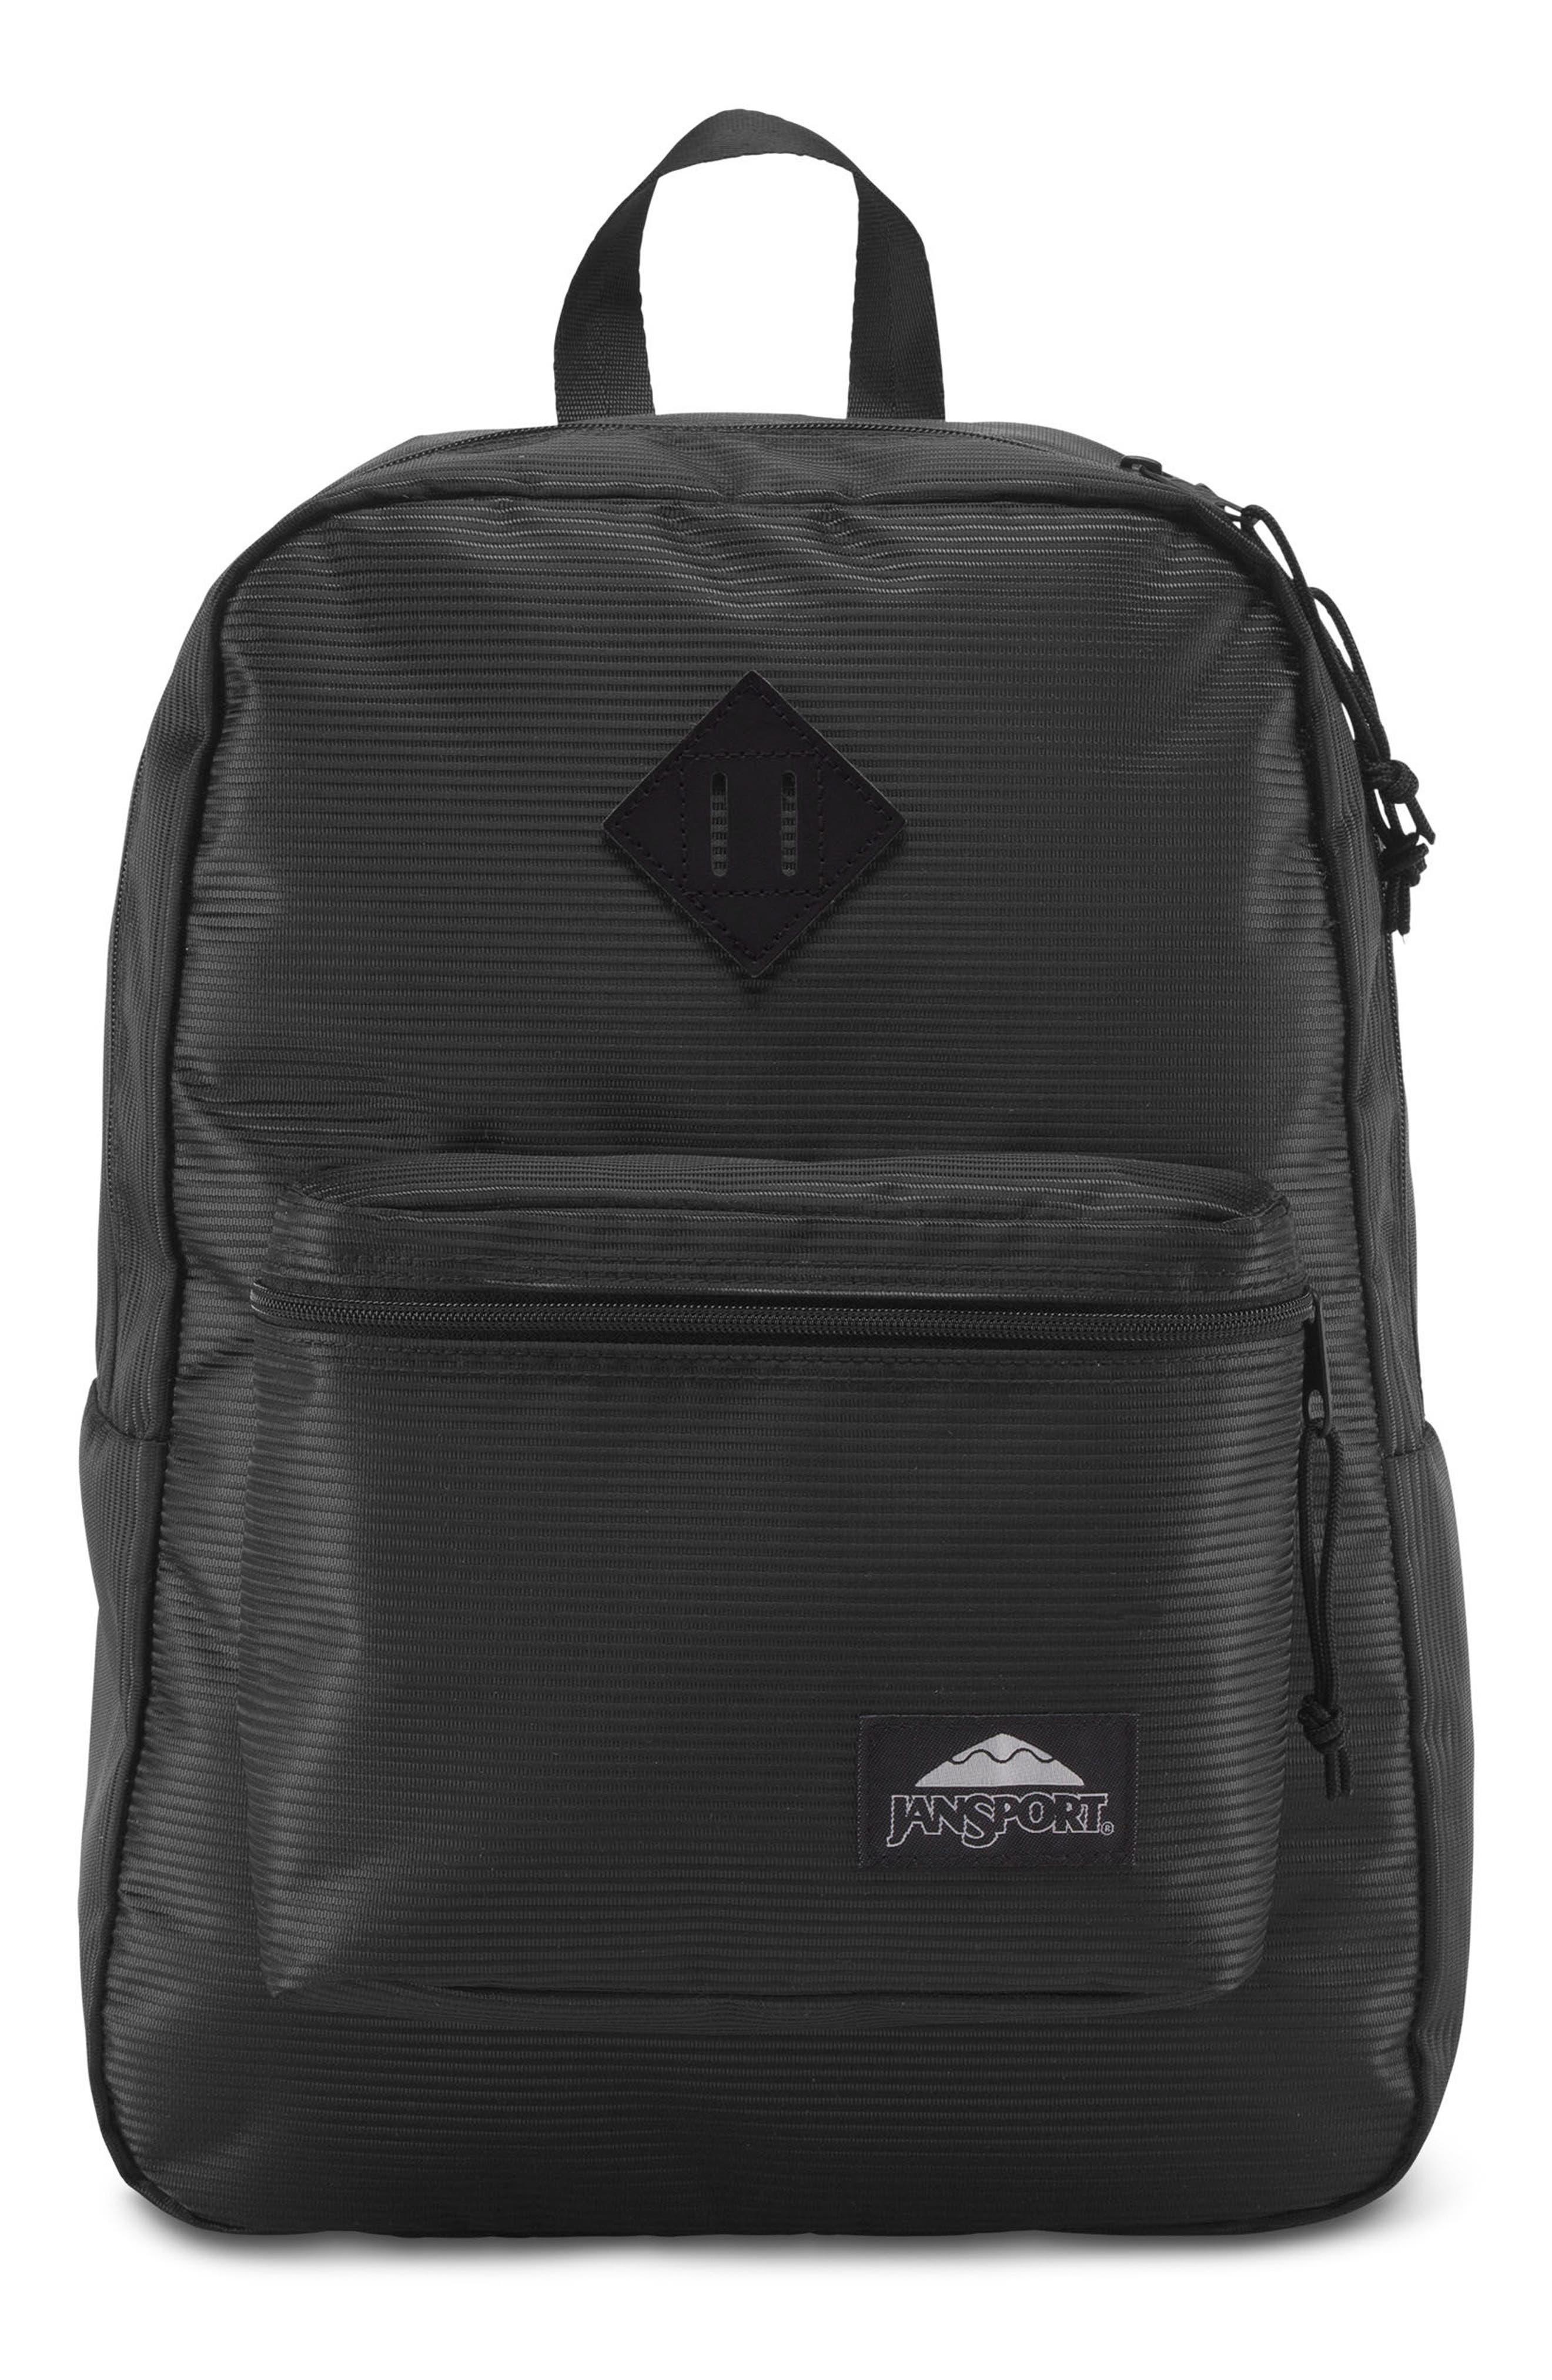 Super FX DL Backpack,                             Main thumbnail 1, color,                             Black Line